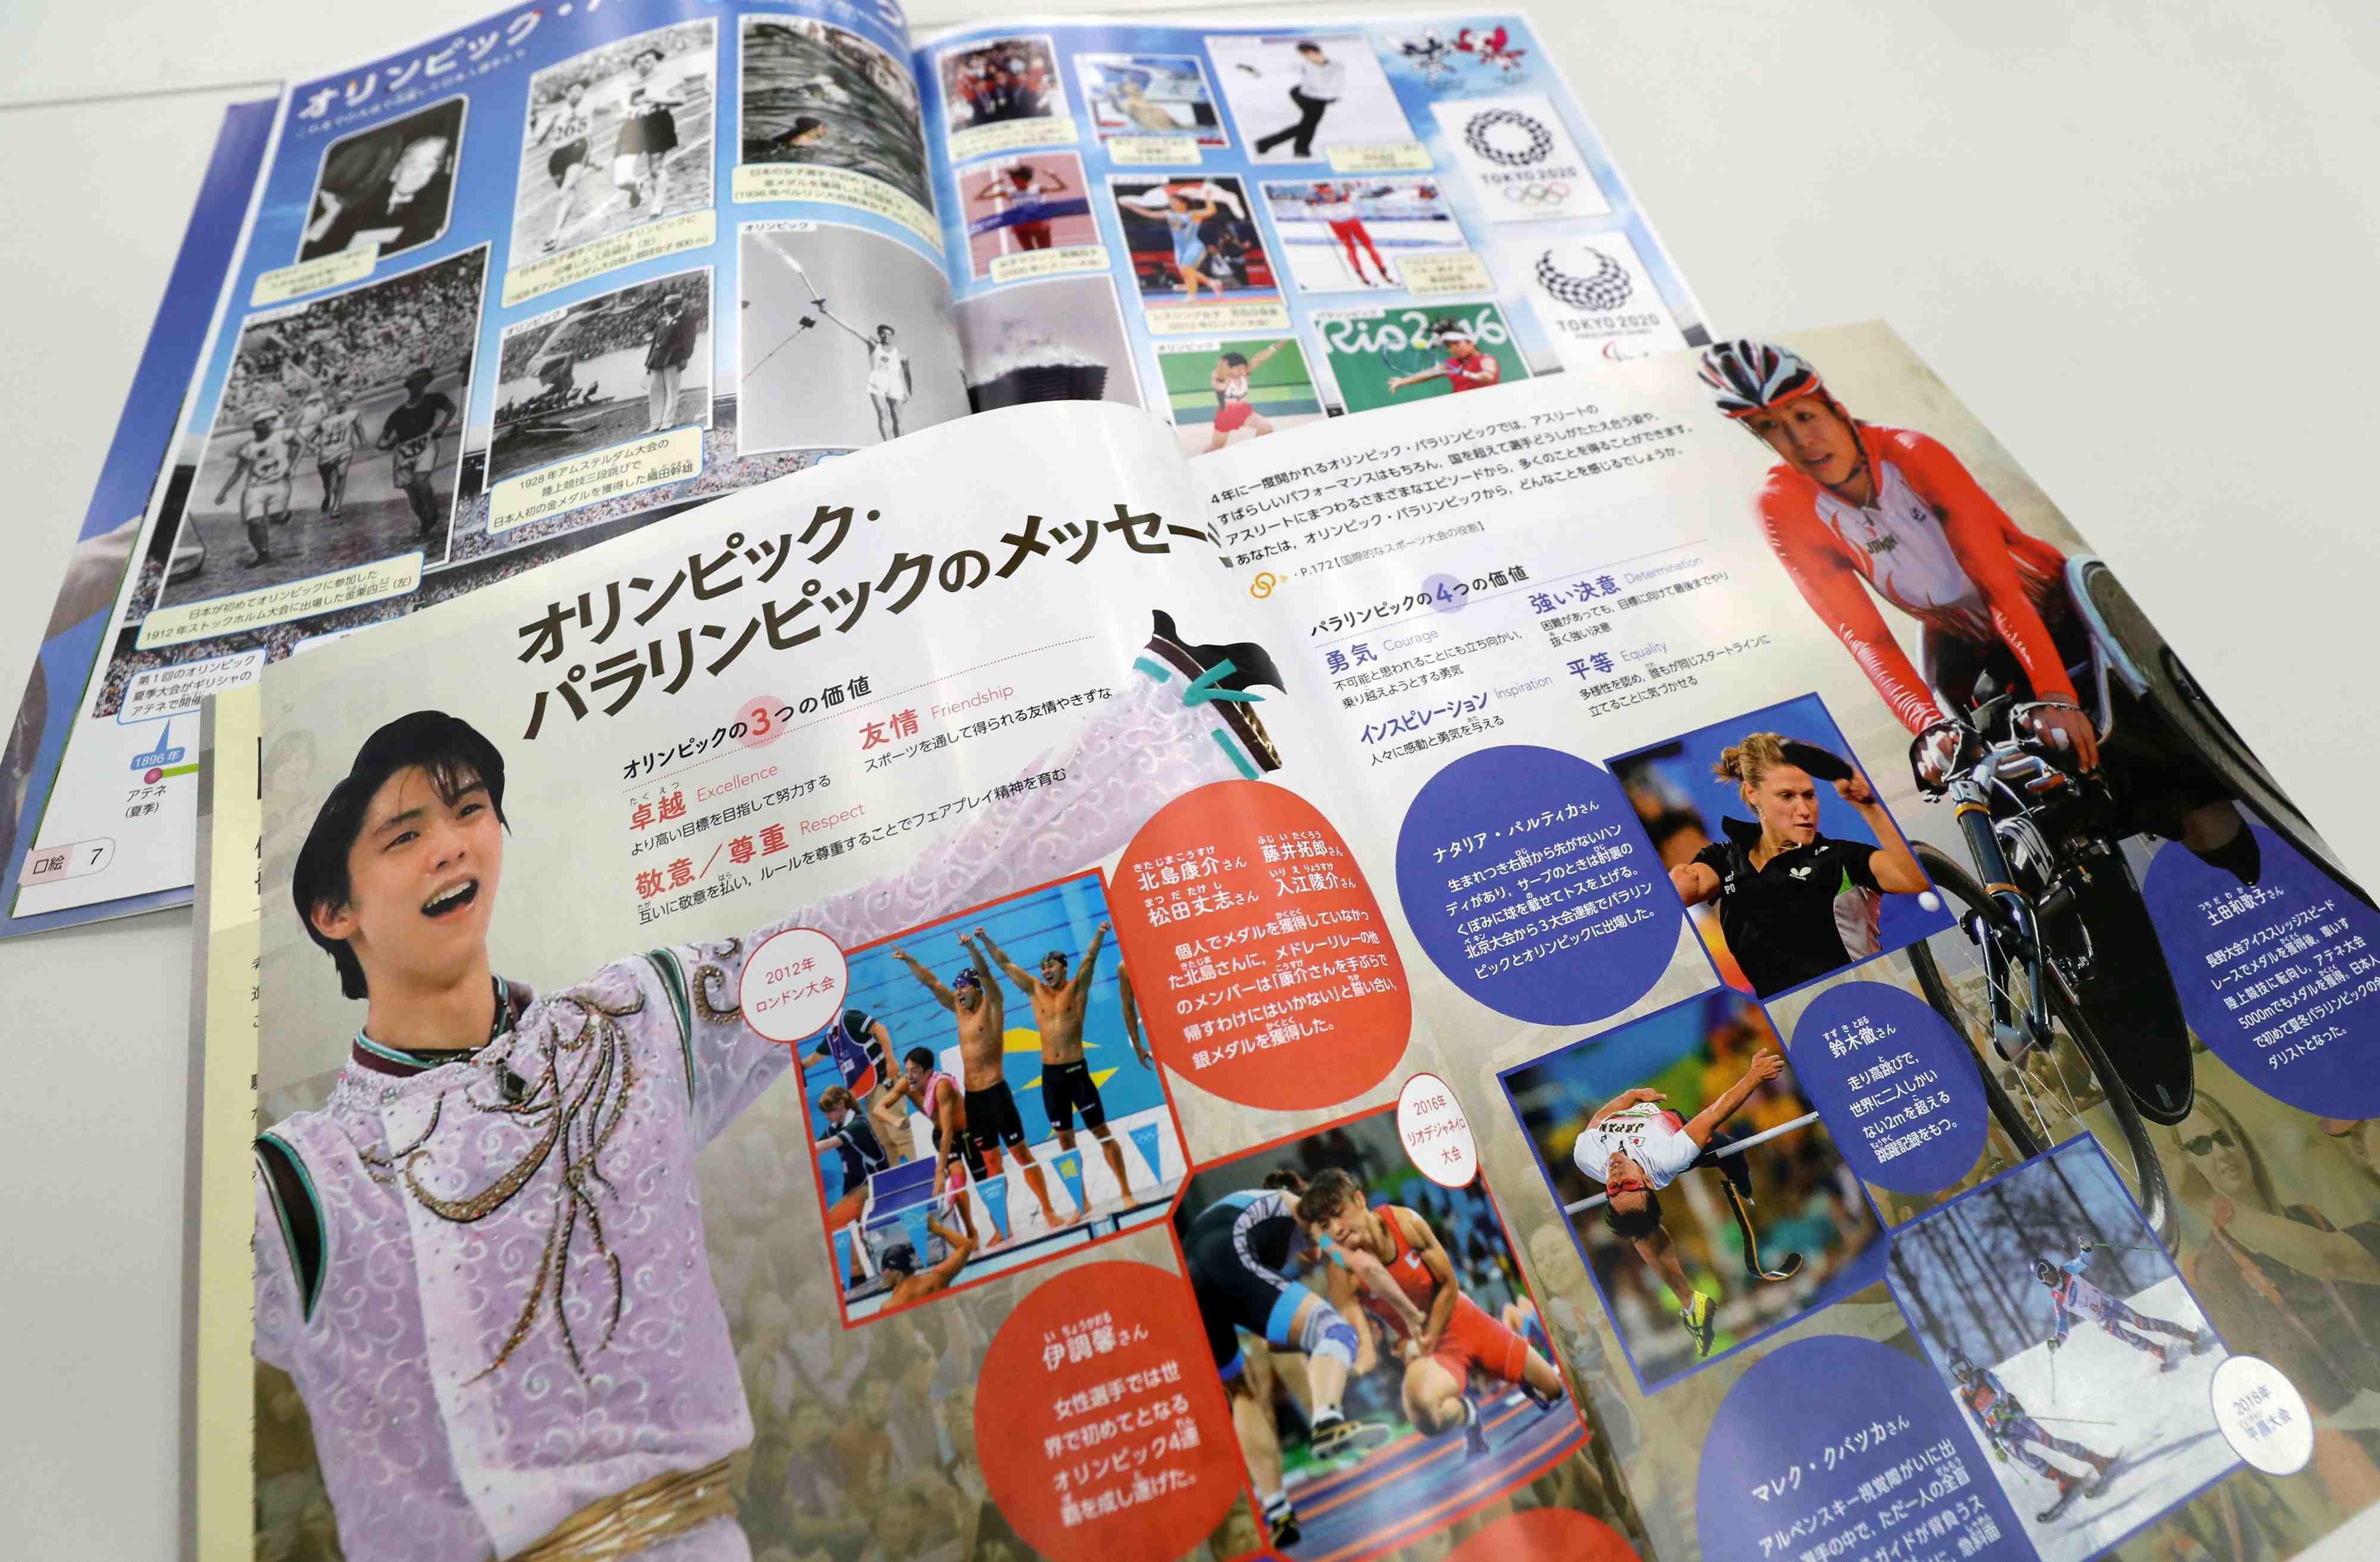 Japan textbook